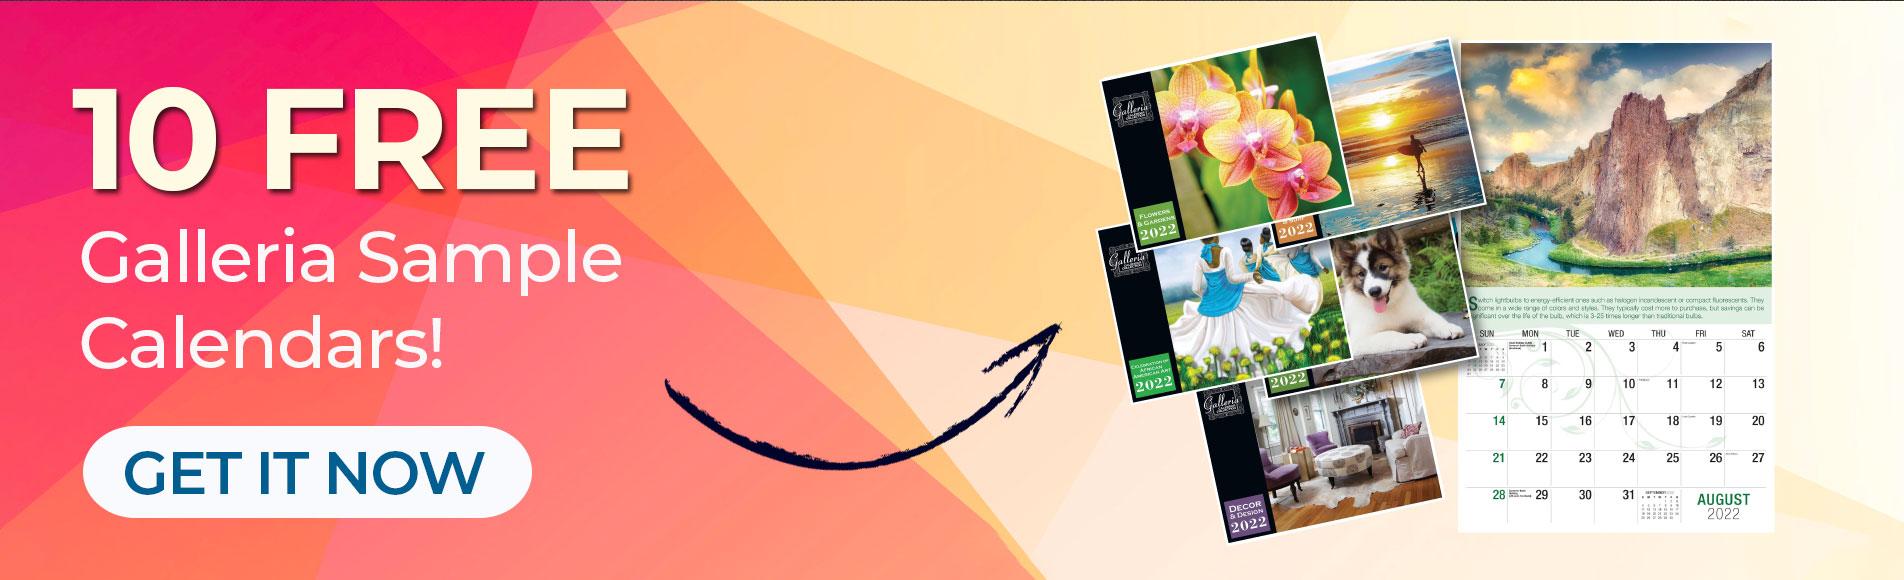 10 Free Galleria Sample Calendars